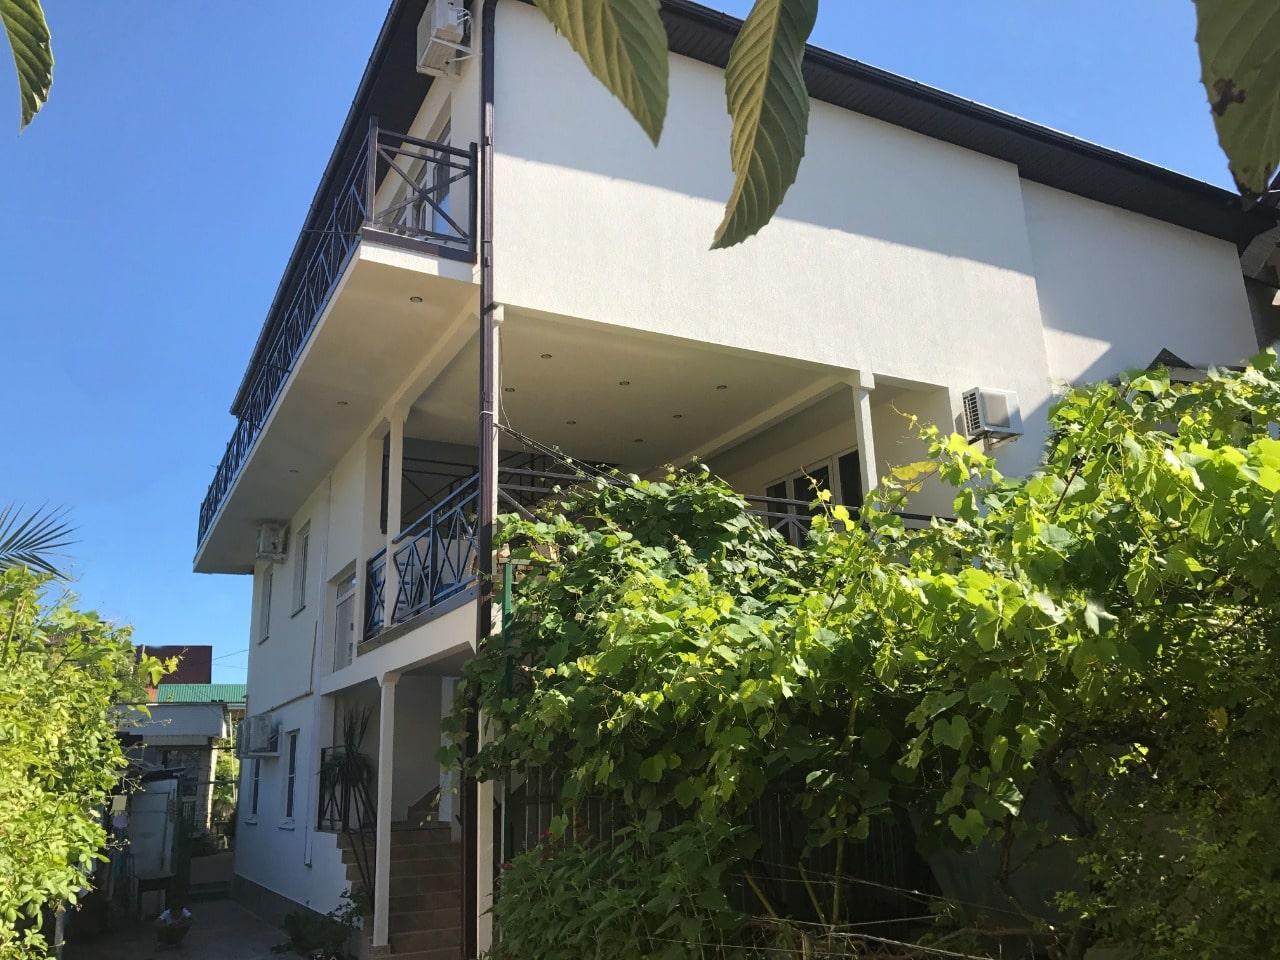 Продаётся гостевой дом у моря 483 м2 - image 1682b07a-c60f-4d34-b77a-ab488cbcd997-min on https://bizneskvartal.ru